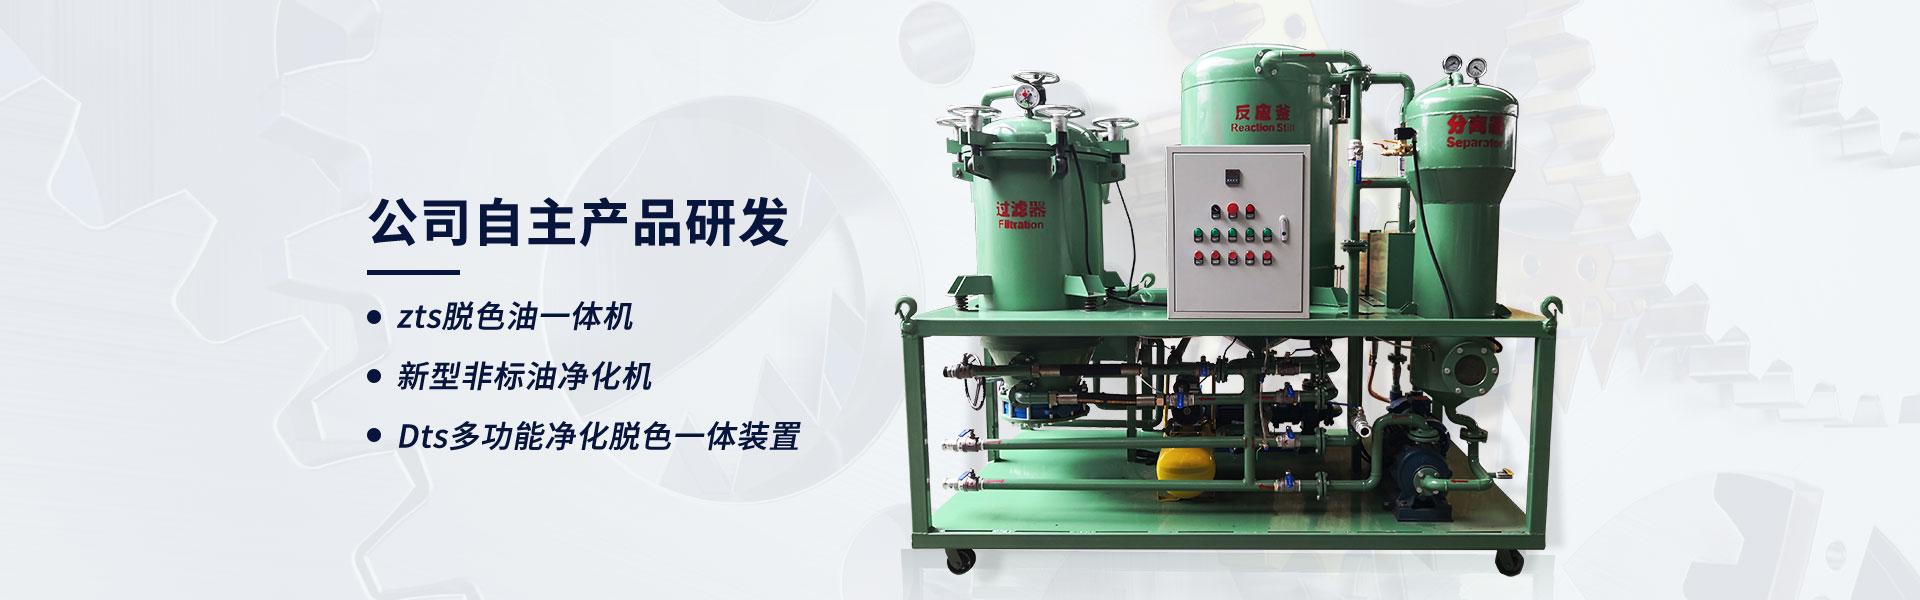 废油再生精馏设备